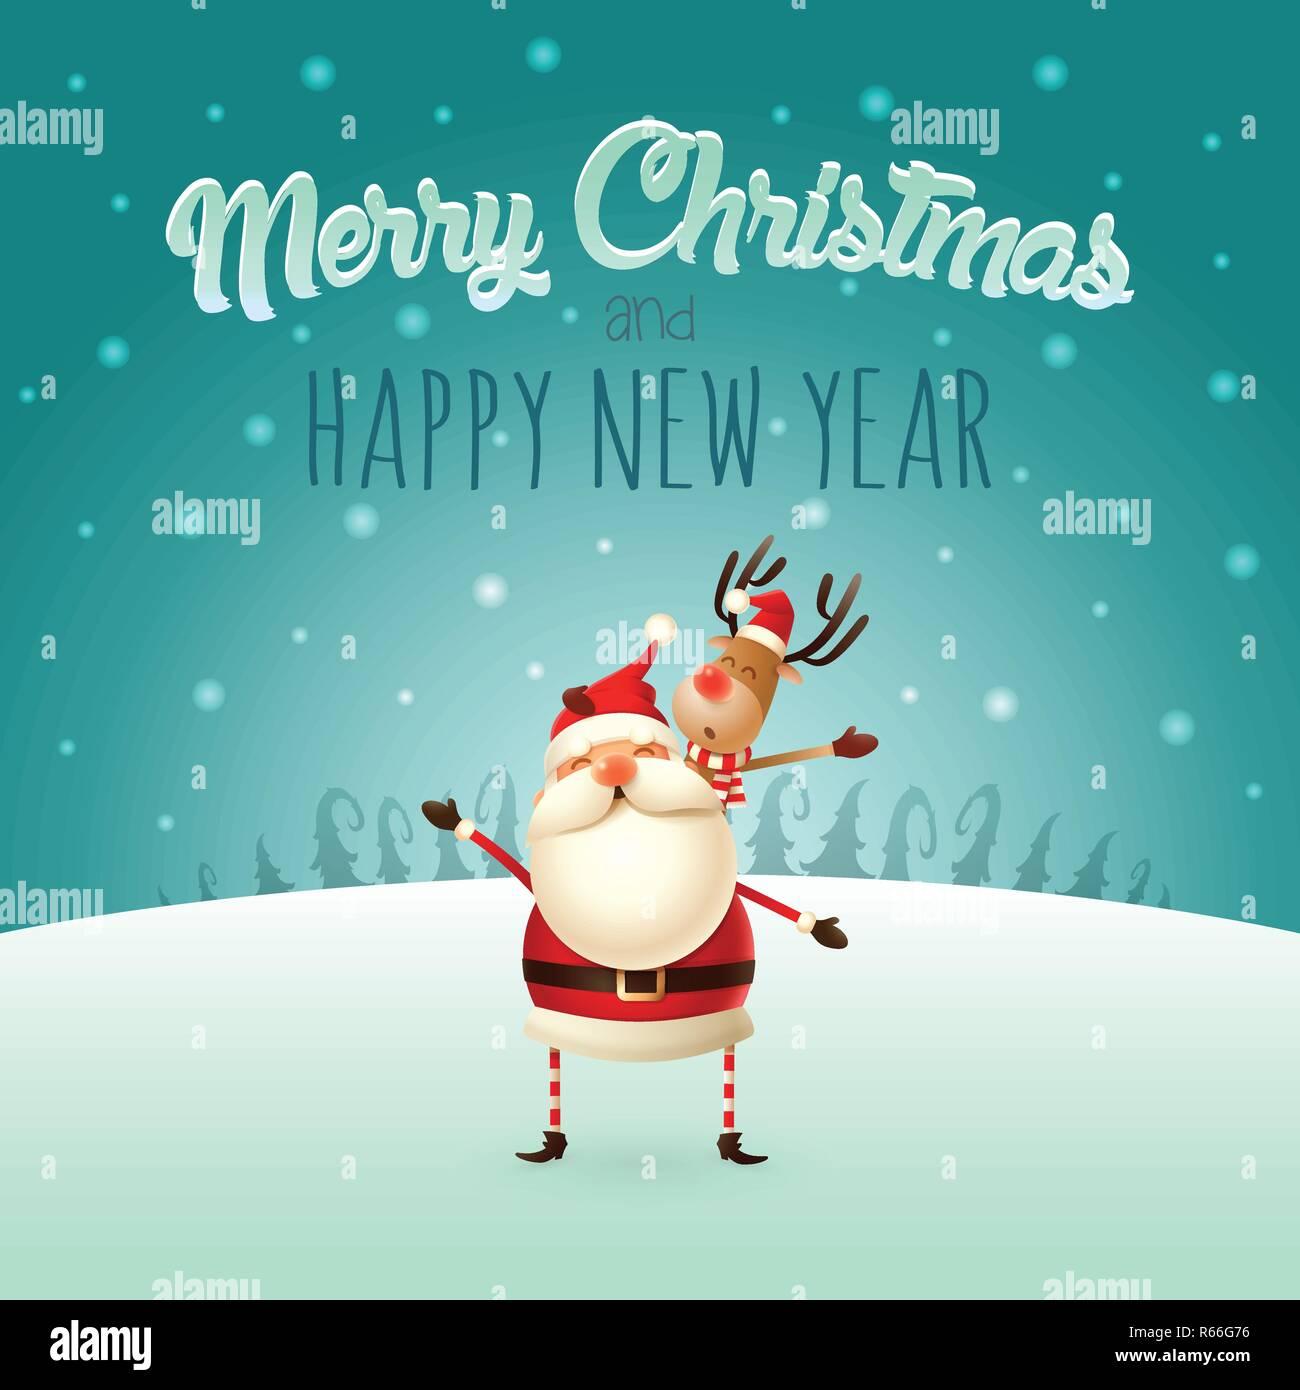 Frohe Weihnachten Einen Guten Rutsch Ins Neue Jahr.Frohe Weihnachten Und Guten Rutsch Ins Neue Jahr Weihnachtsmann